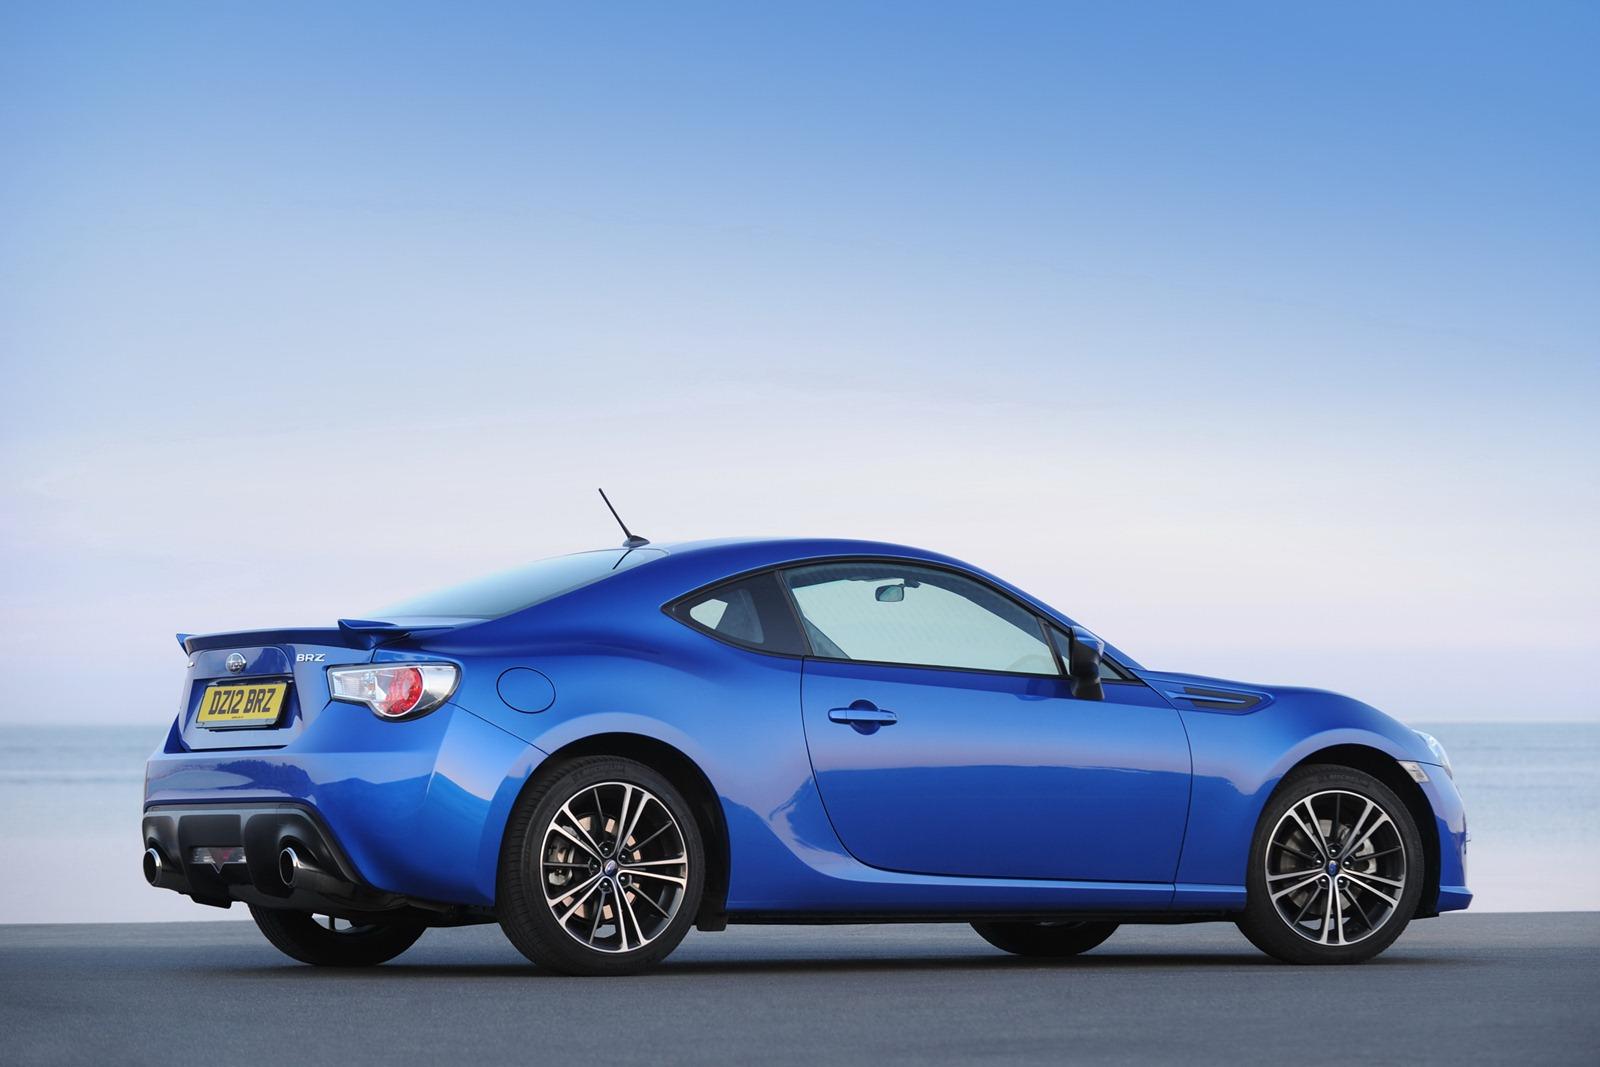 2013-Subaru-BRZ-Coupe-2.jpg?imgmax=1800